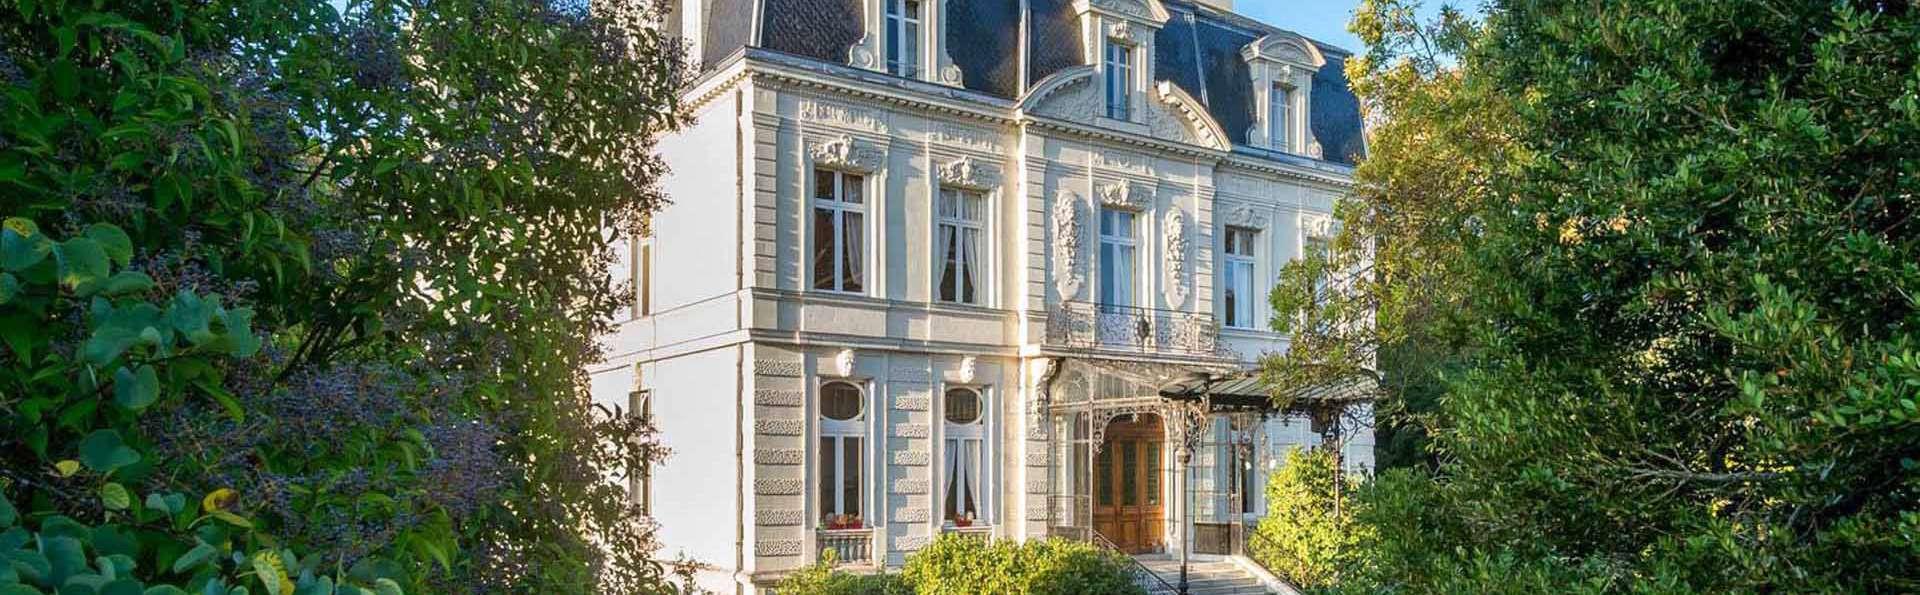 Hotel Château de Verrières & Spa Saumur - EDIT_EXTERIOR_02.jpg